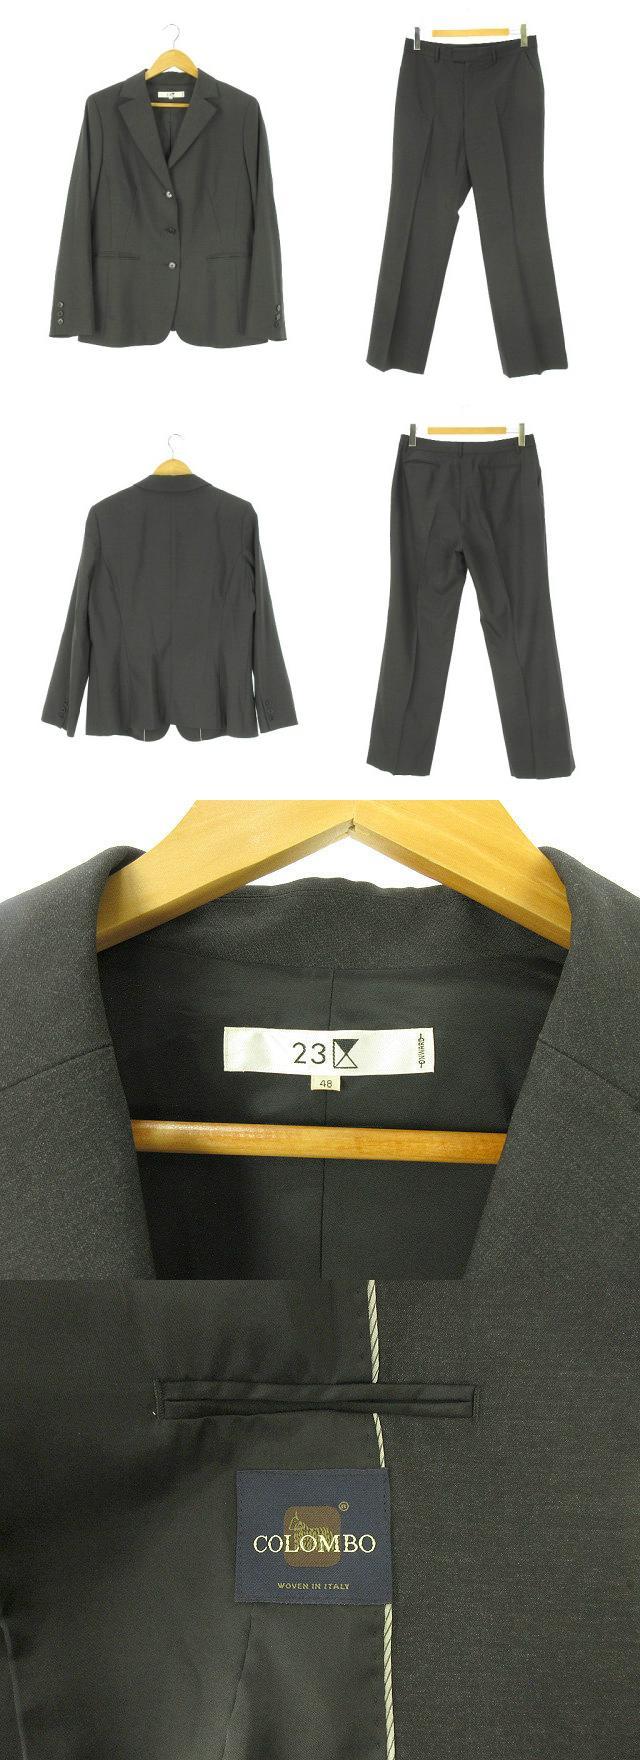 セットアップ スーツ 大きいサイズ 48 ダークグレー COLOMBO 上下セット ジャケット パンツ 3つボタン フォーマル